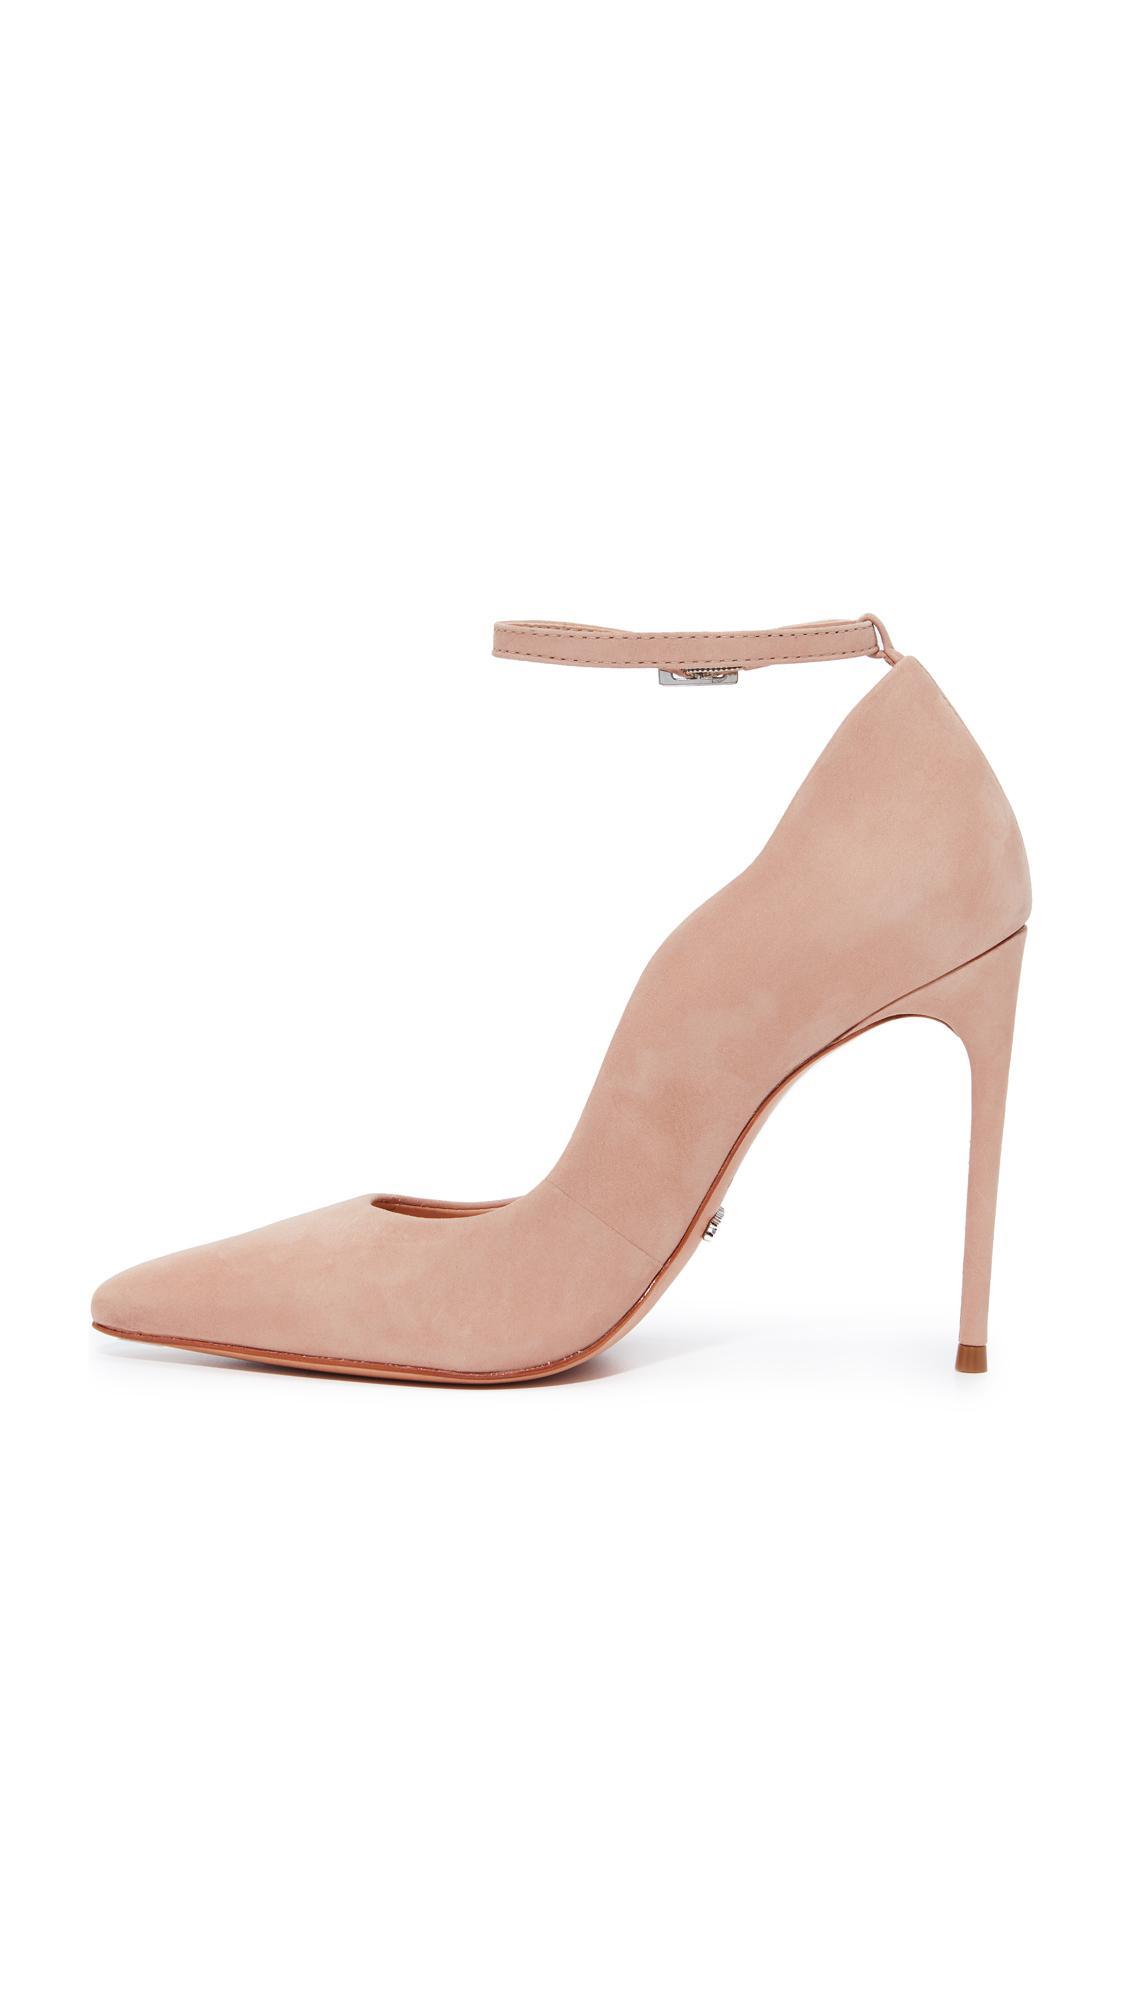 854dcab5b93 Lyst - Schutz Thaynara Ankle Strap Pointed Heels